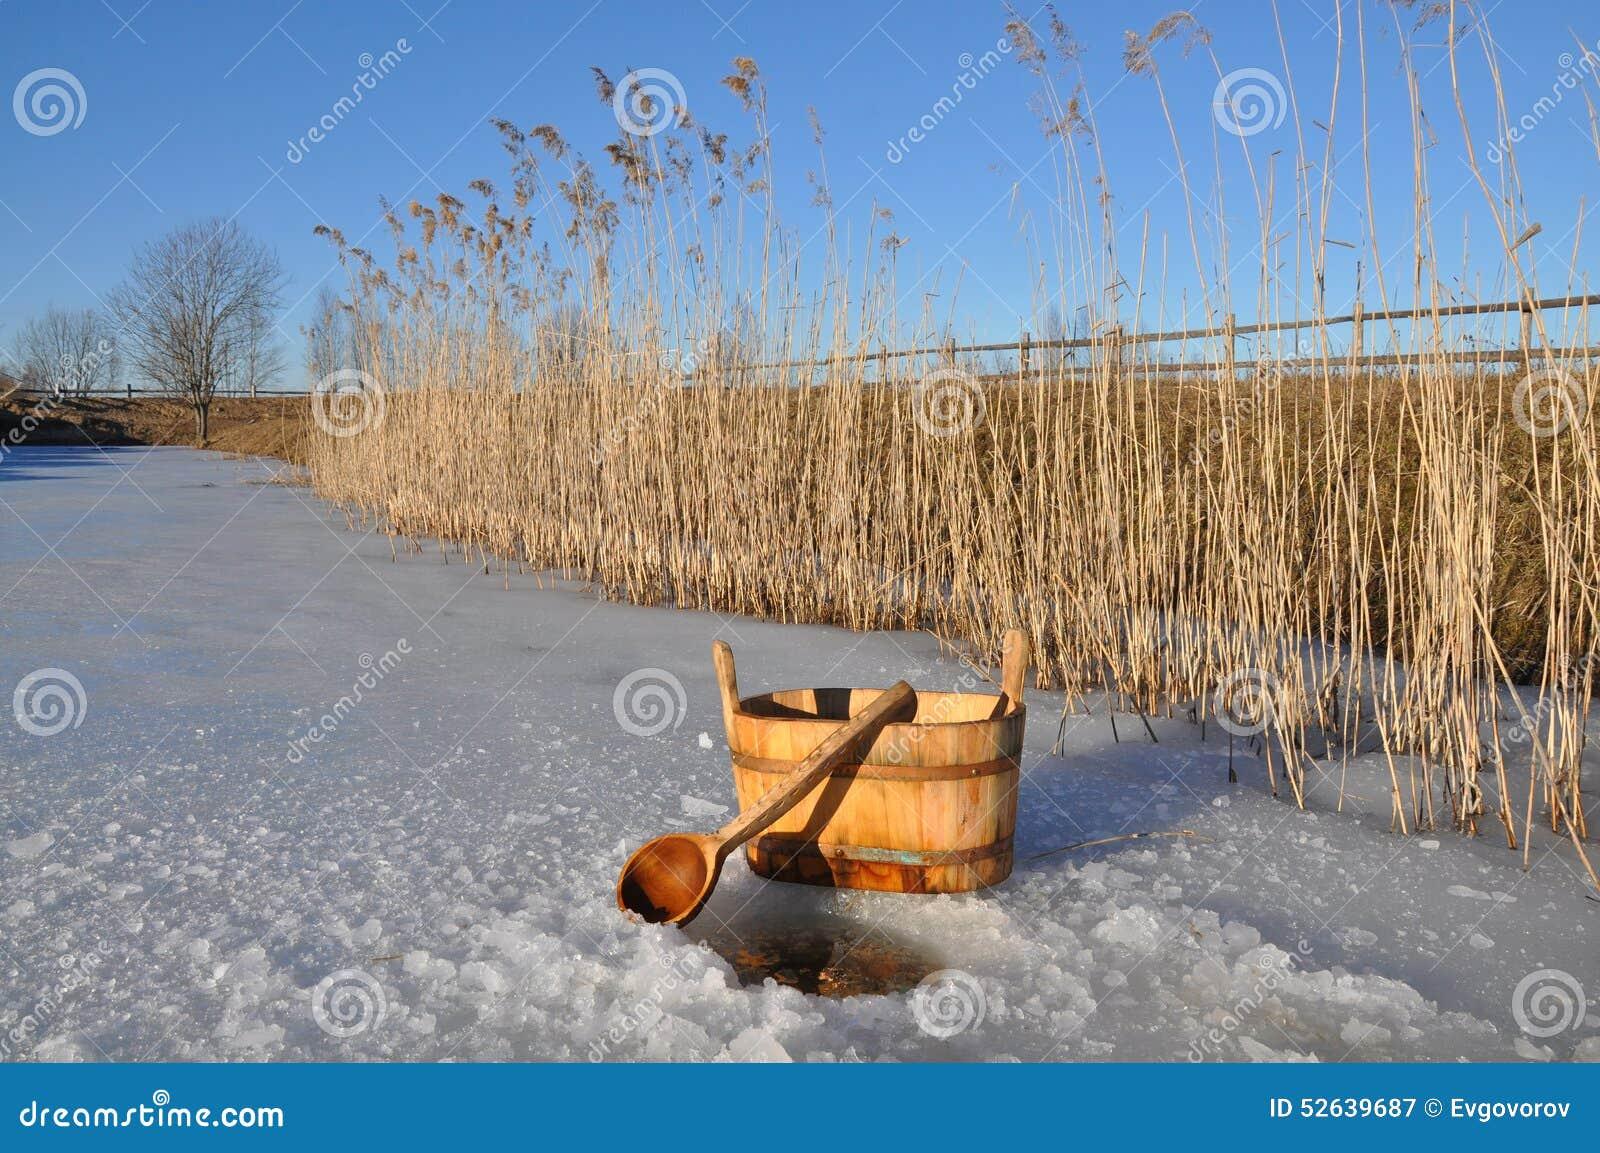 Accessori In Legno Per Bagno : Set accessori surface bamboo resina e legno arredo bagno moderno